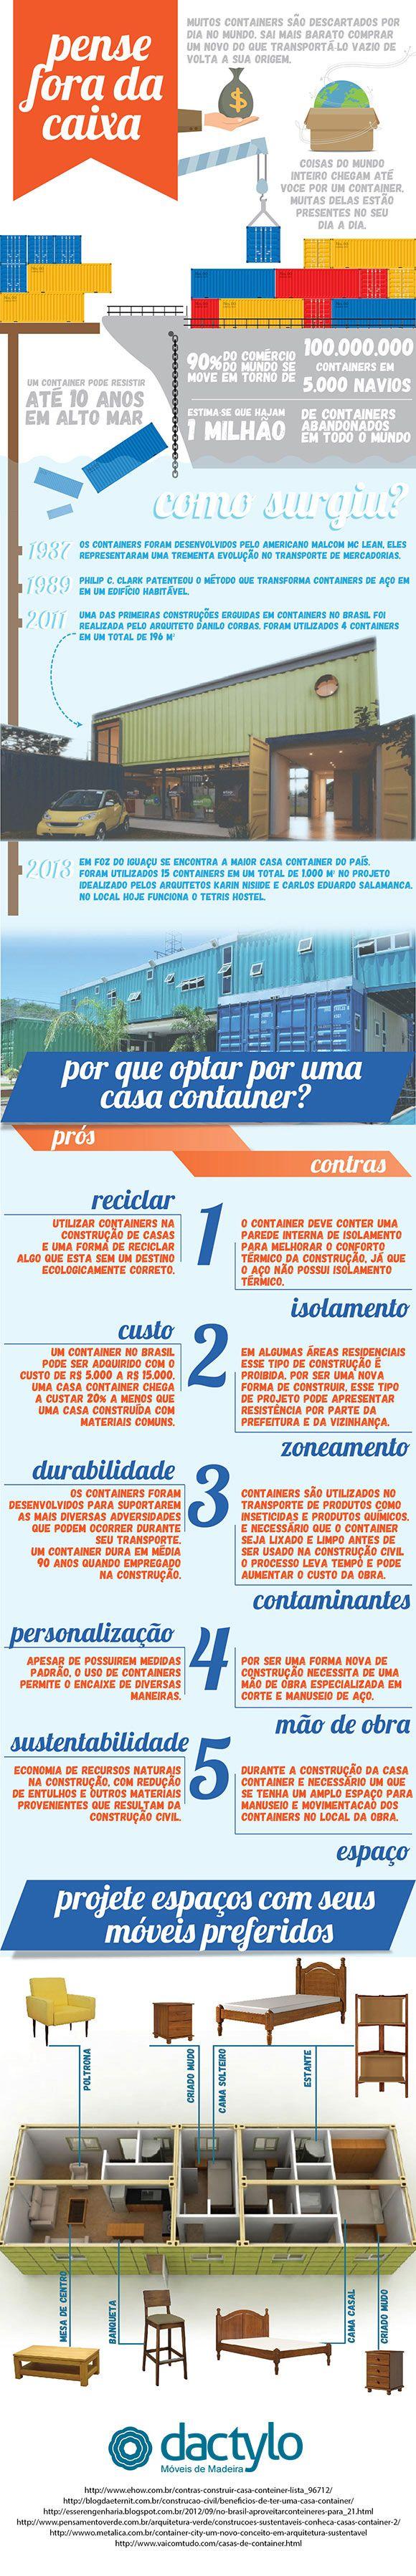 Pense fora da caixa com o infográfico criativo sobre containers que encontramos na web!